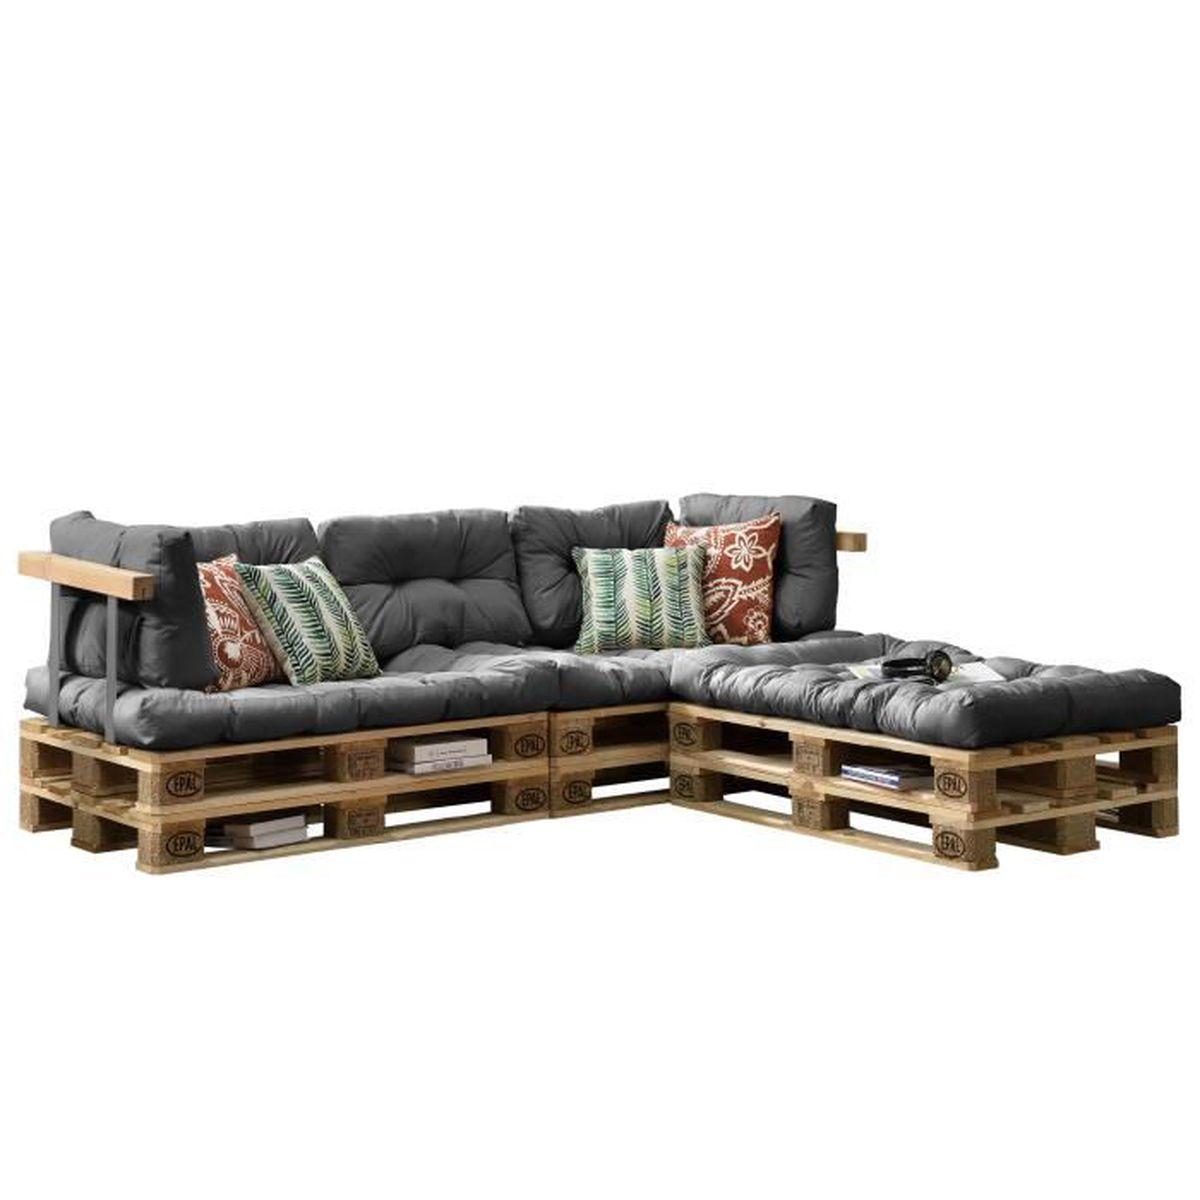 coussin pour palette achat vente coussin pour palette pas cher cdiscount. Black Bedroom Furniture Sets. Home Design Ideas